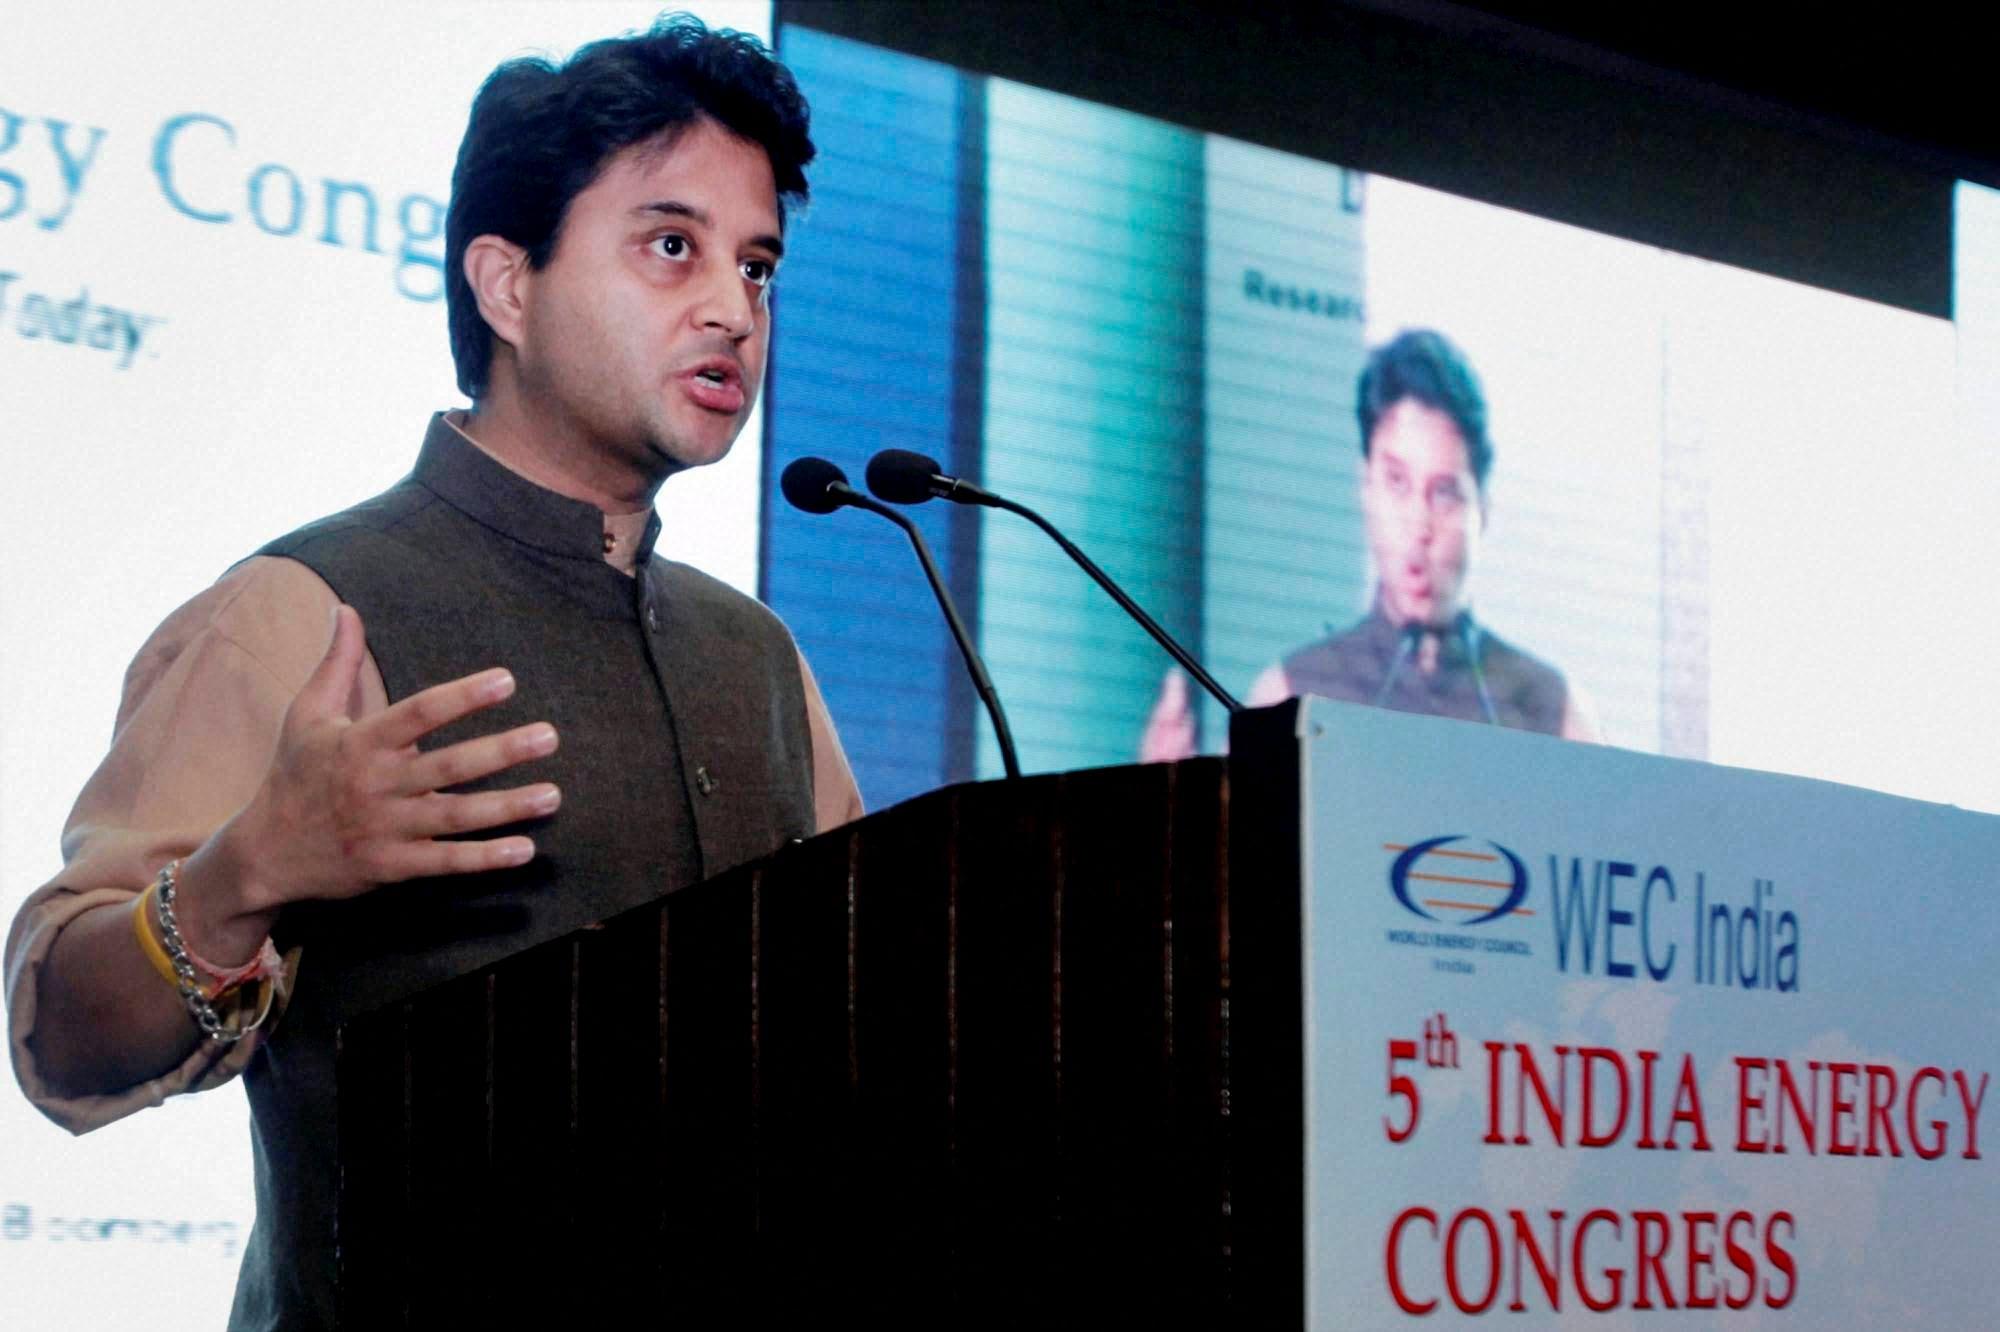 India Energy Congress, Jyotiraditya Scindia